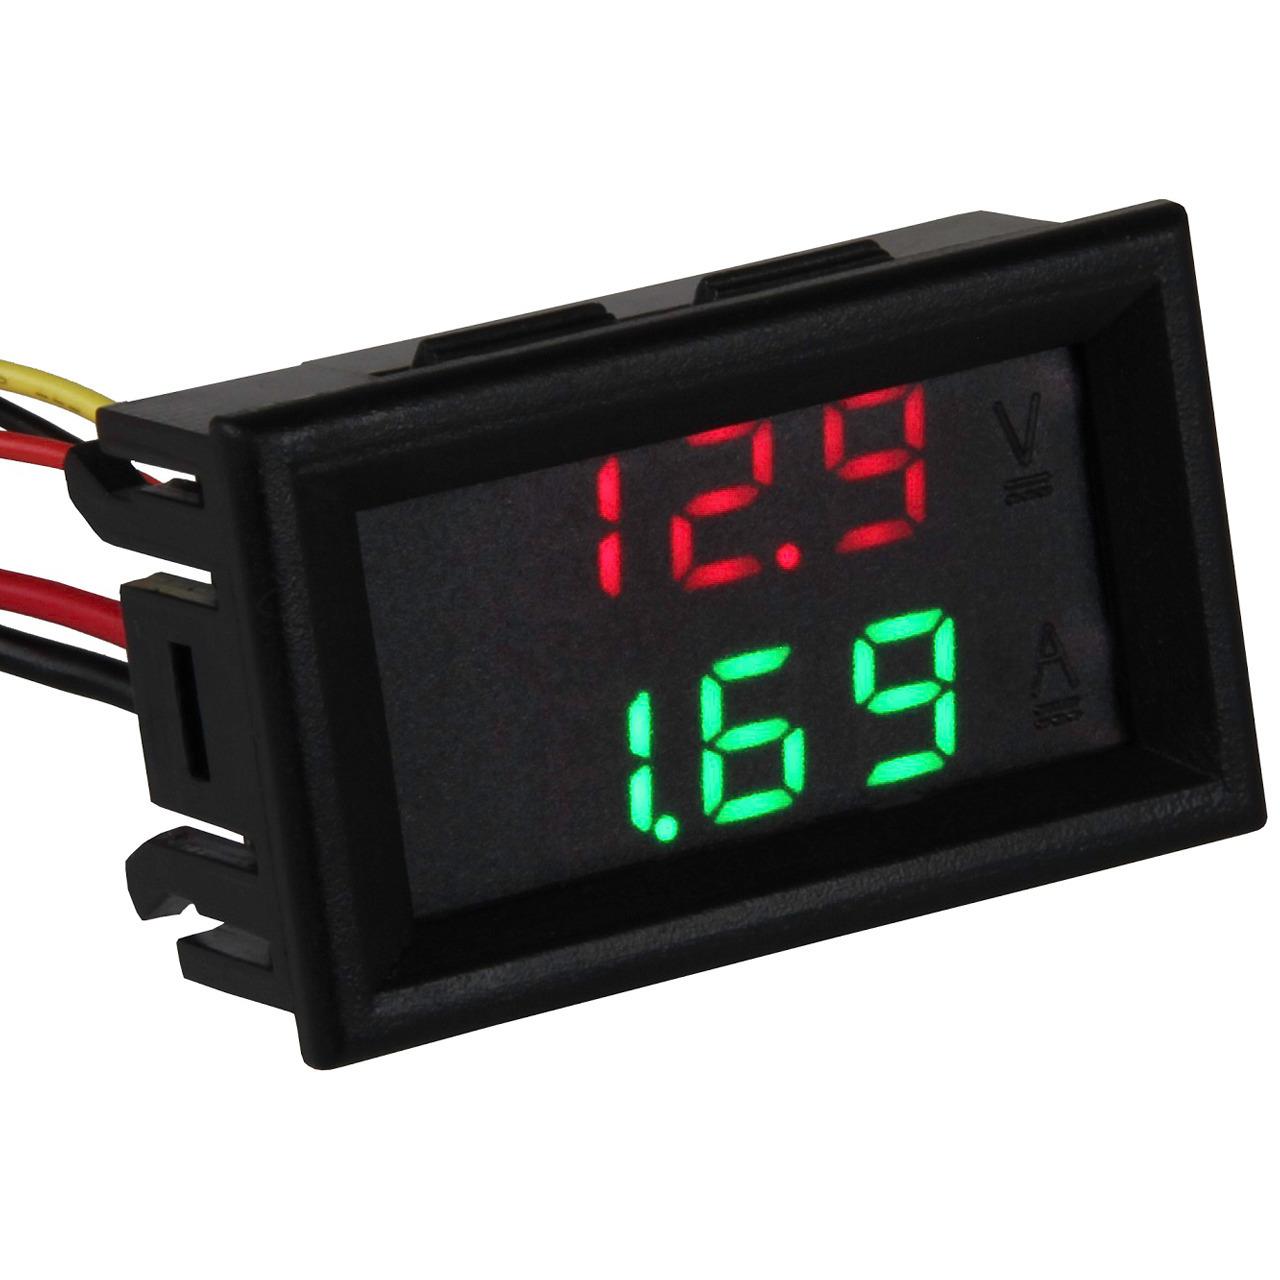 Joy-IT LED-Spannungs- und Strommessgerät